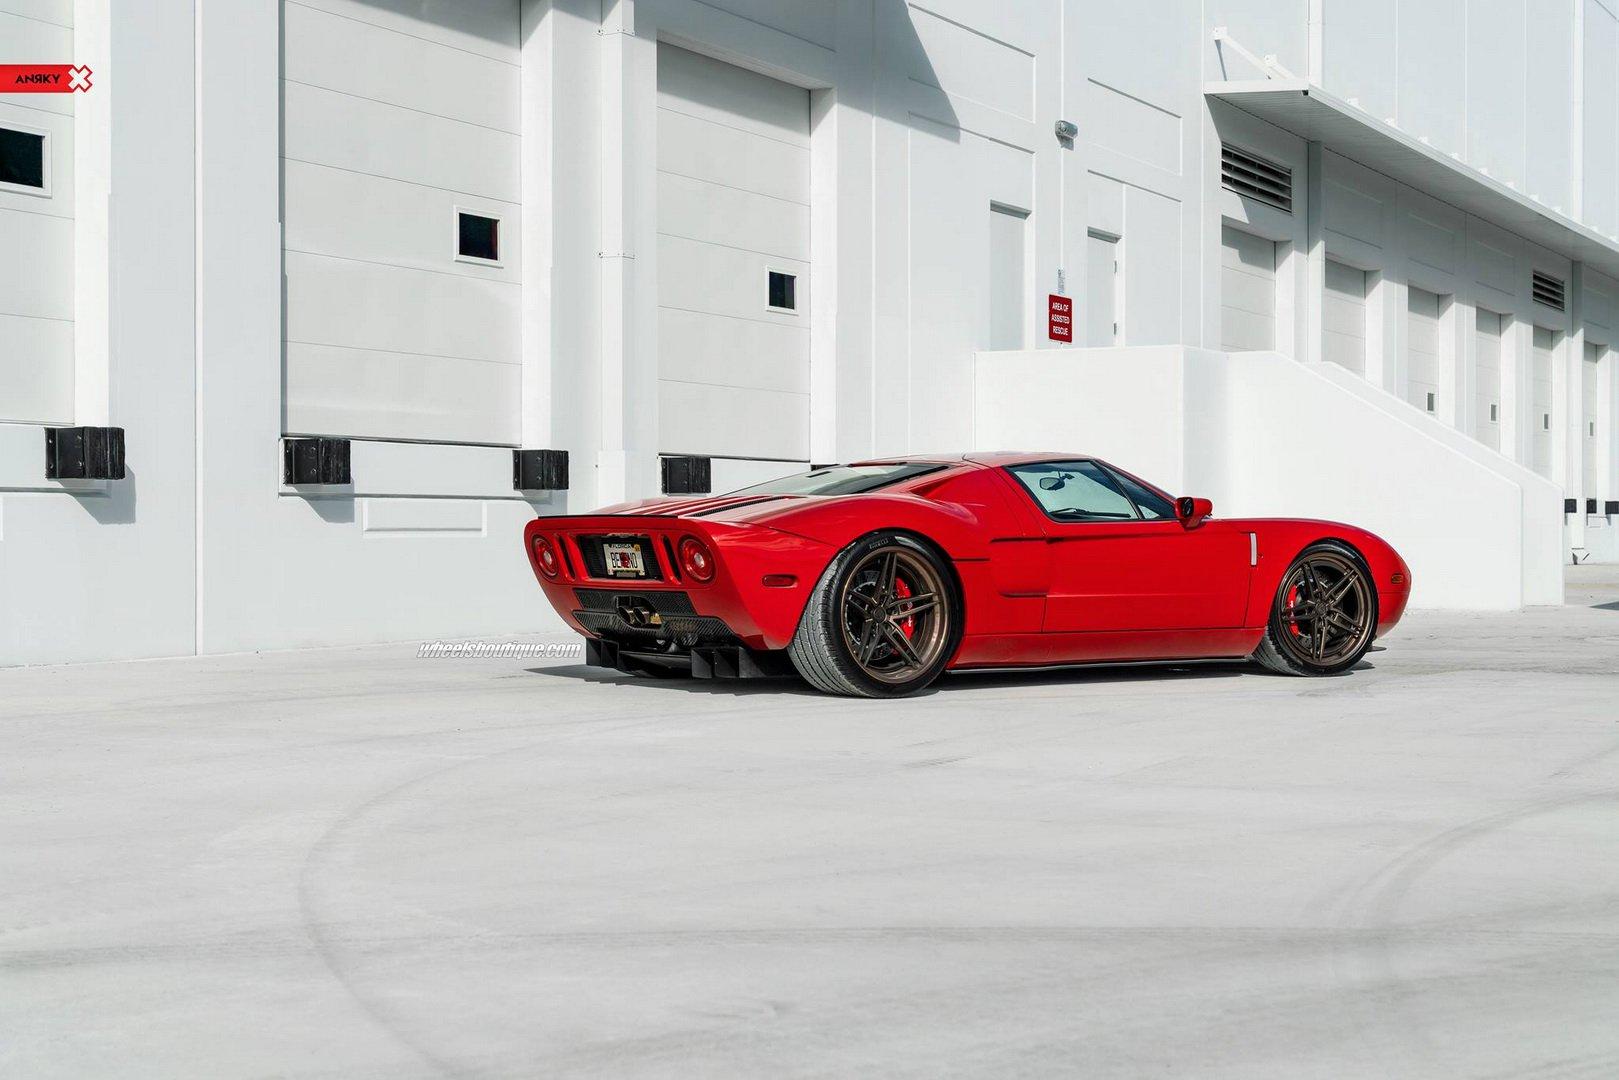 Ford GT byHeffner Performance (7)